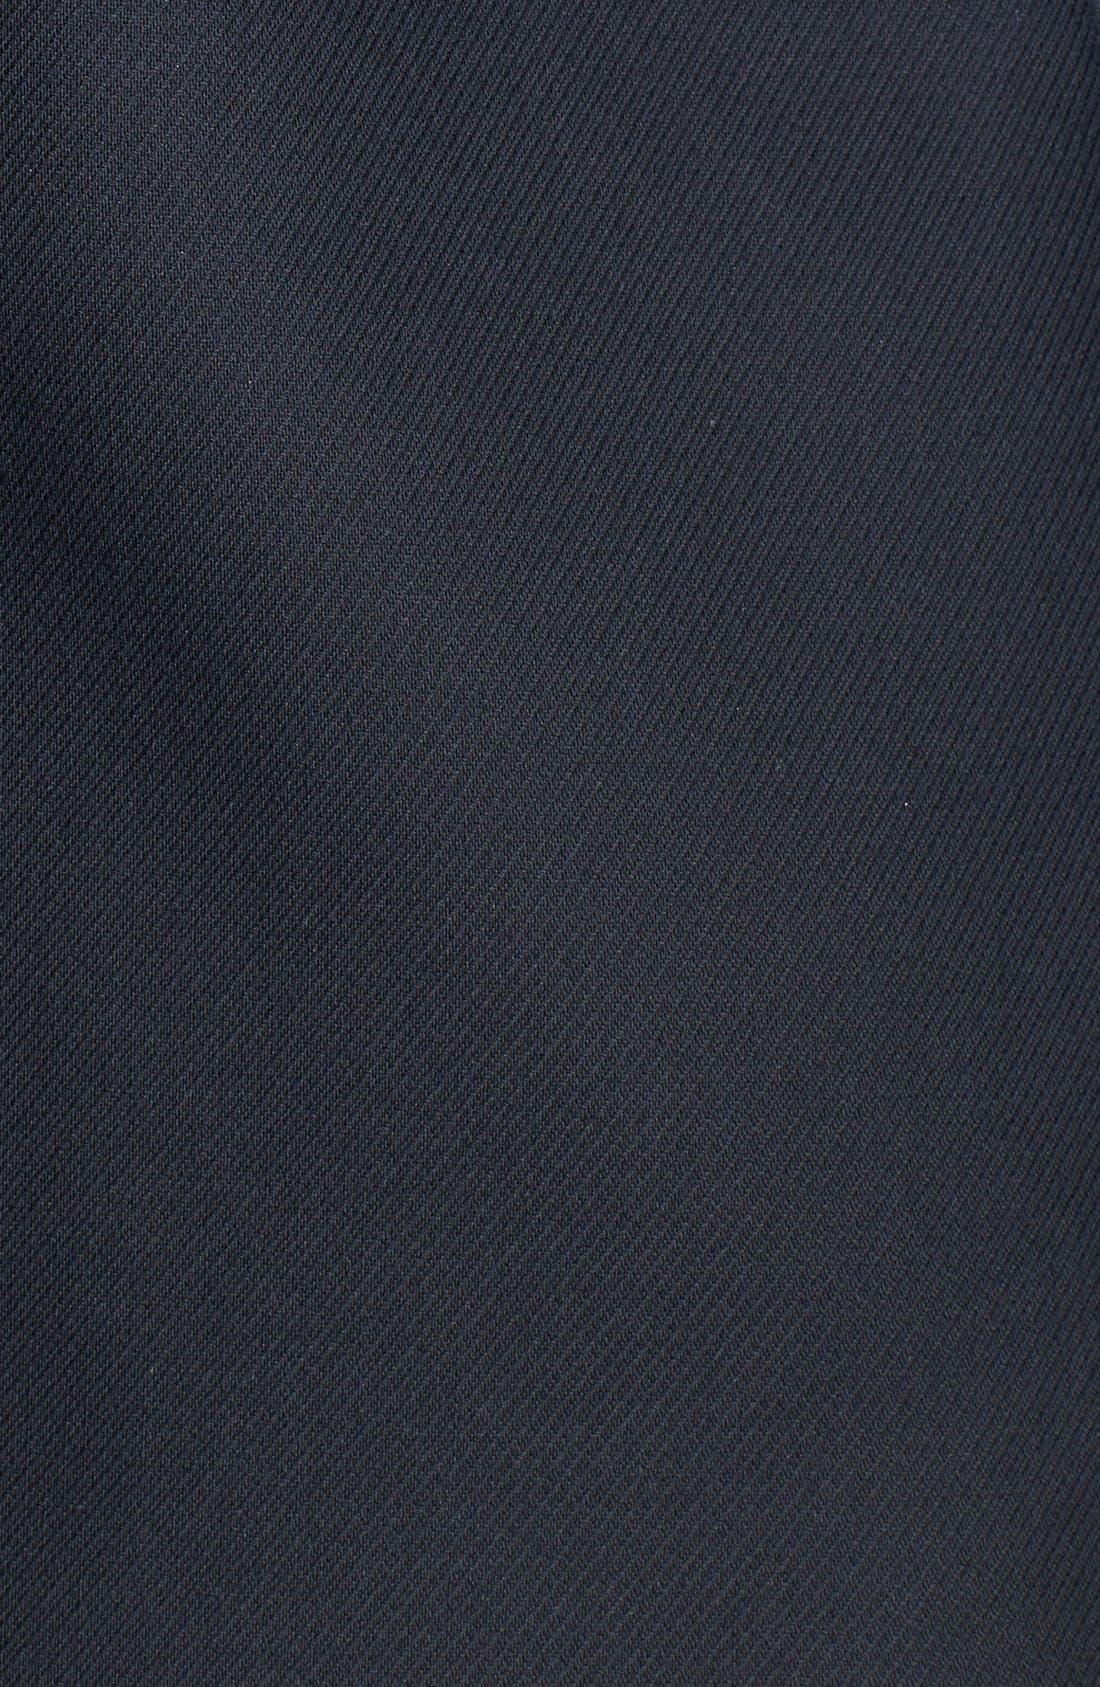 'Tumblebridge' Cotton Peacoat,                             Alternate thumbnail 2, color,                             410